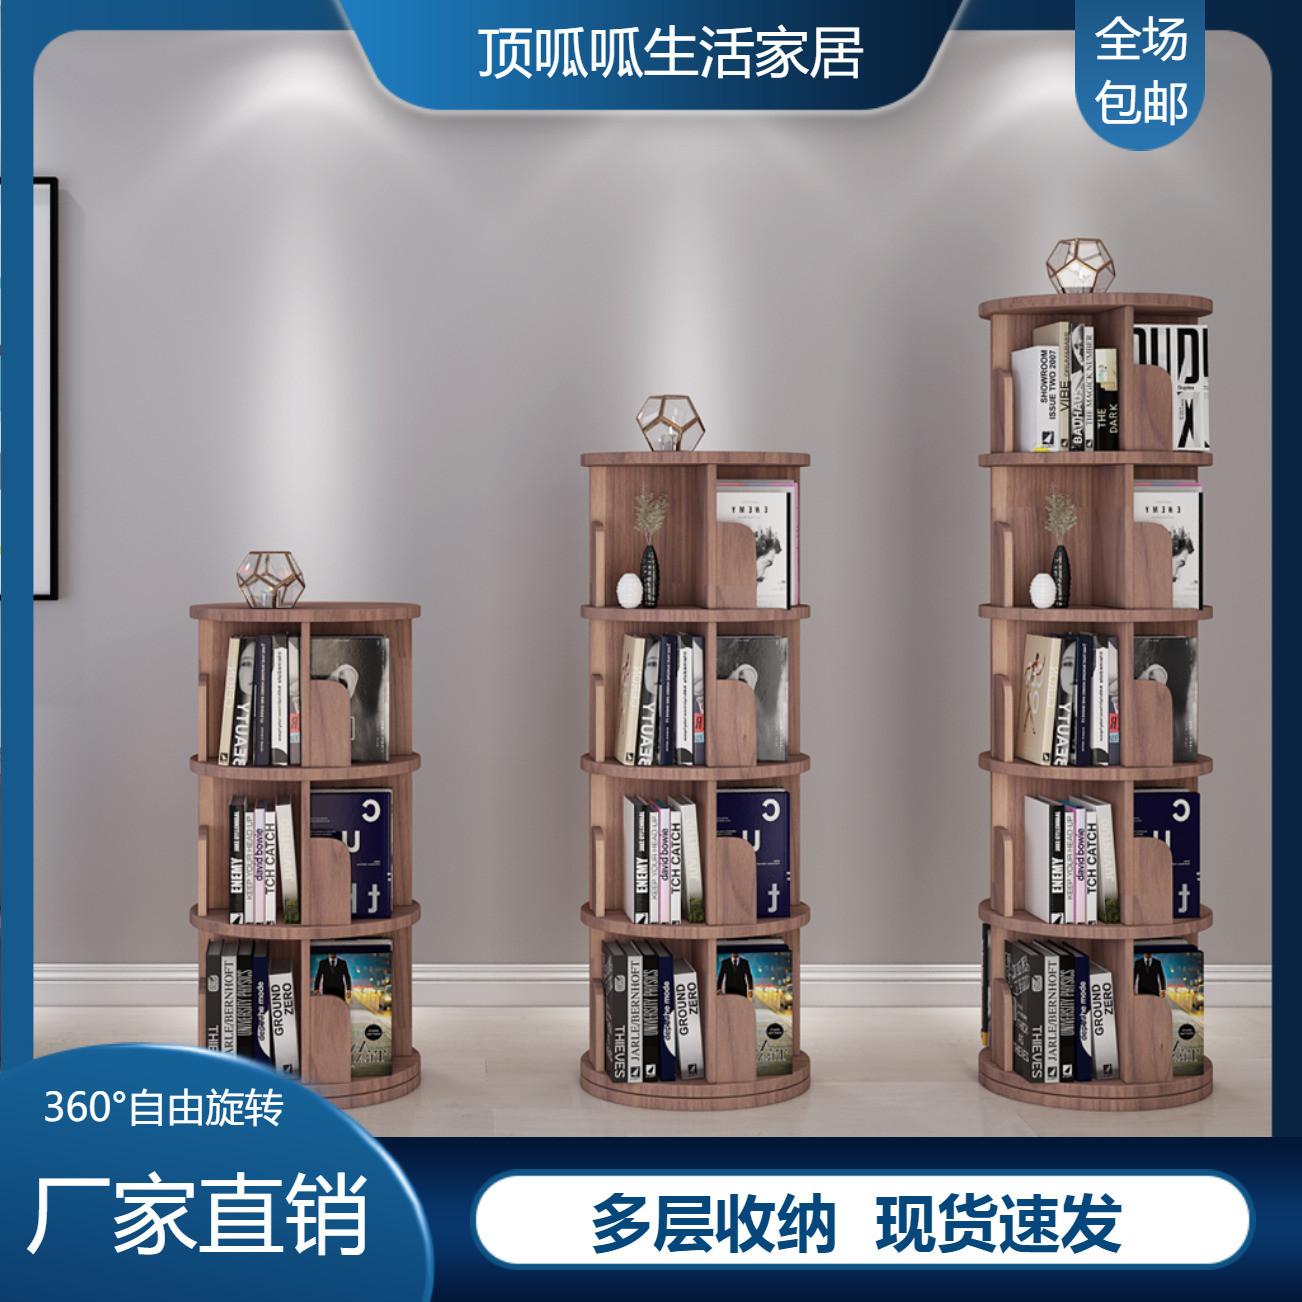 旋转书架360度家用学生落地绘本架